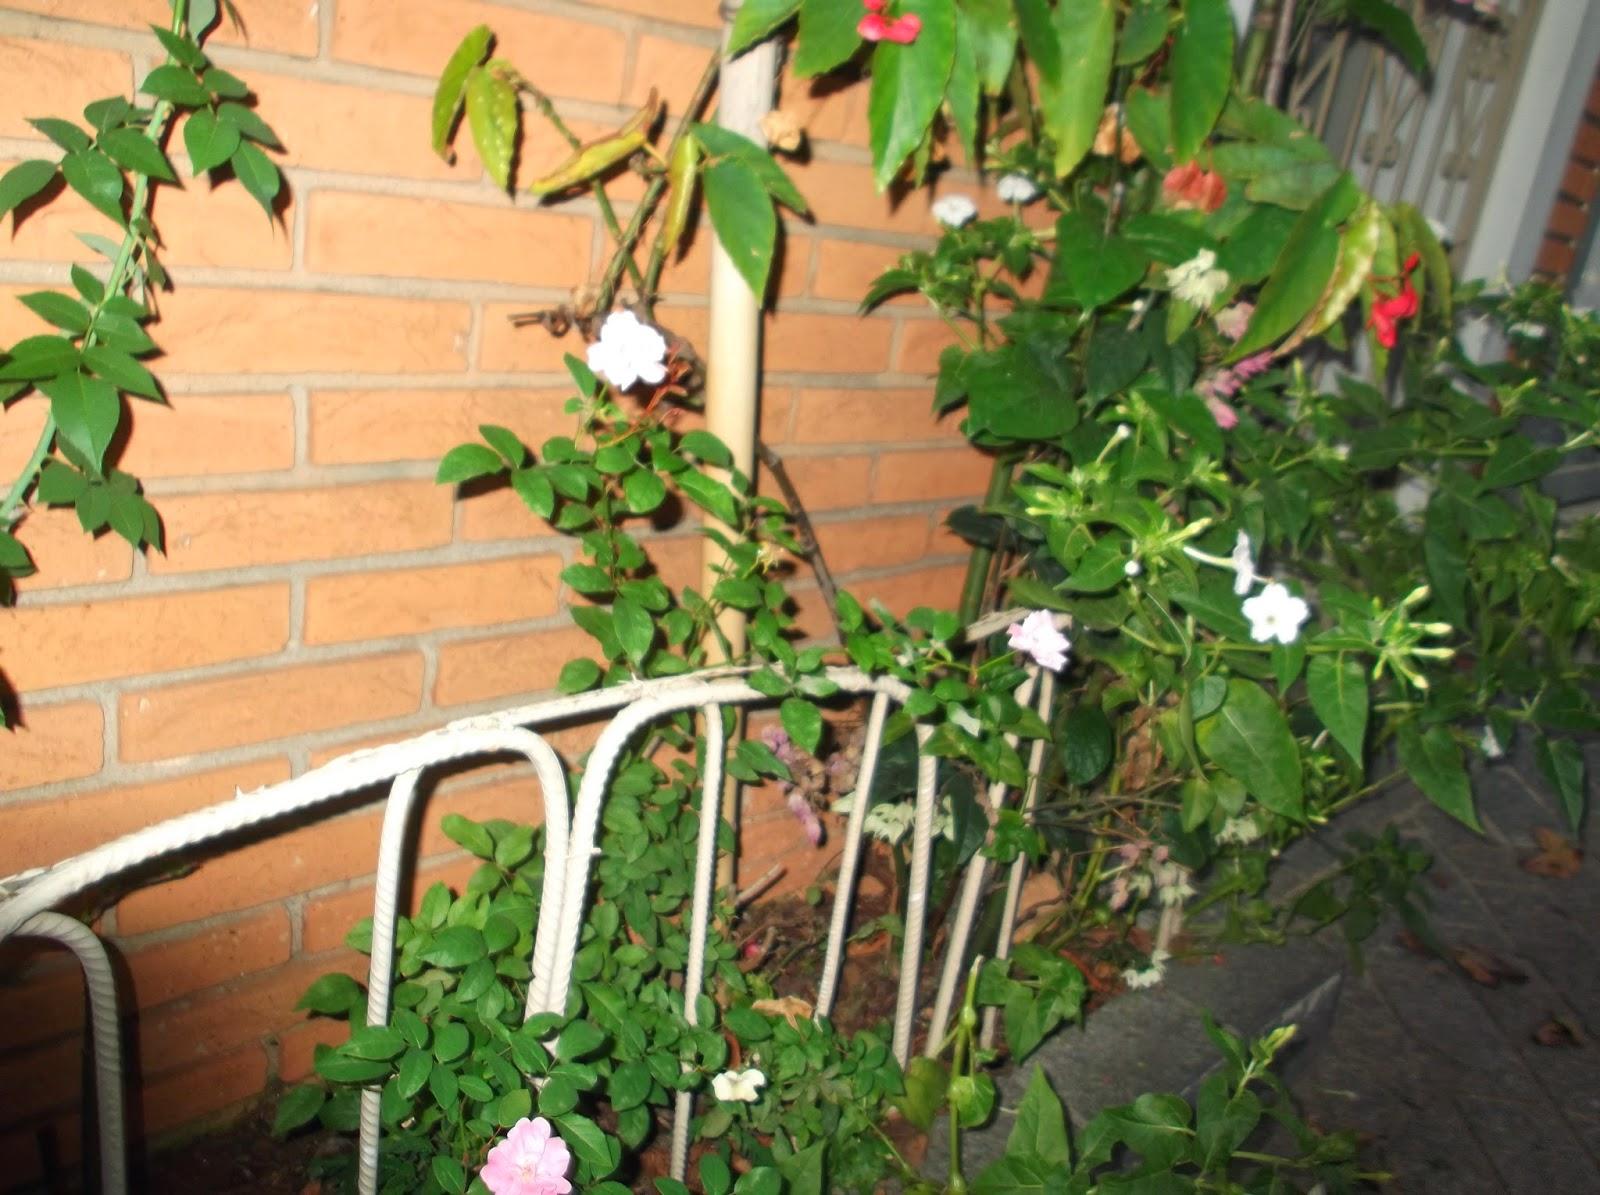 cerca de jardim ferrocerquinhas de jardim pode ser alcançado com